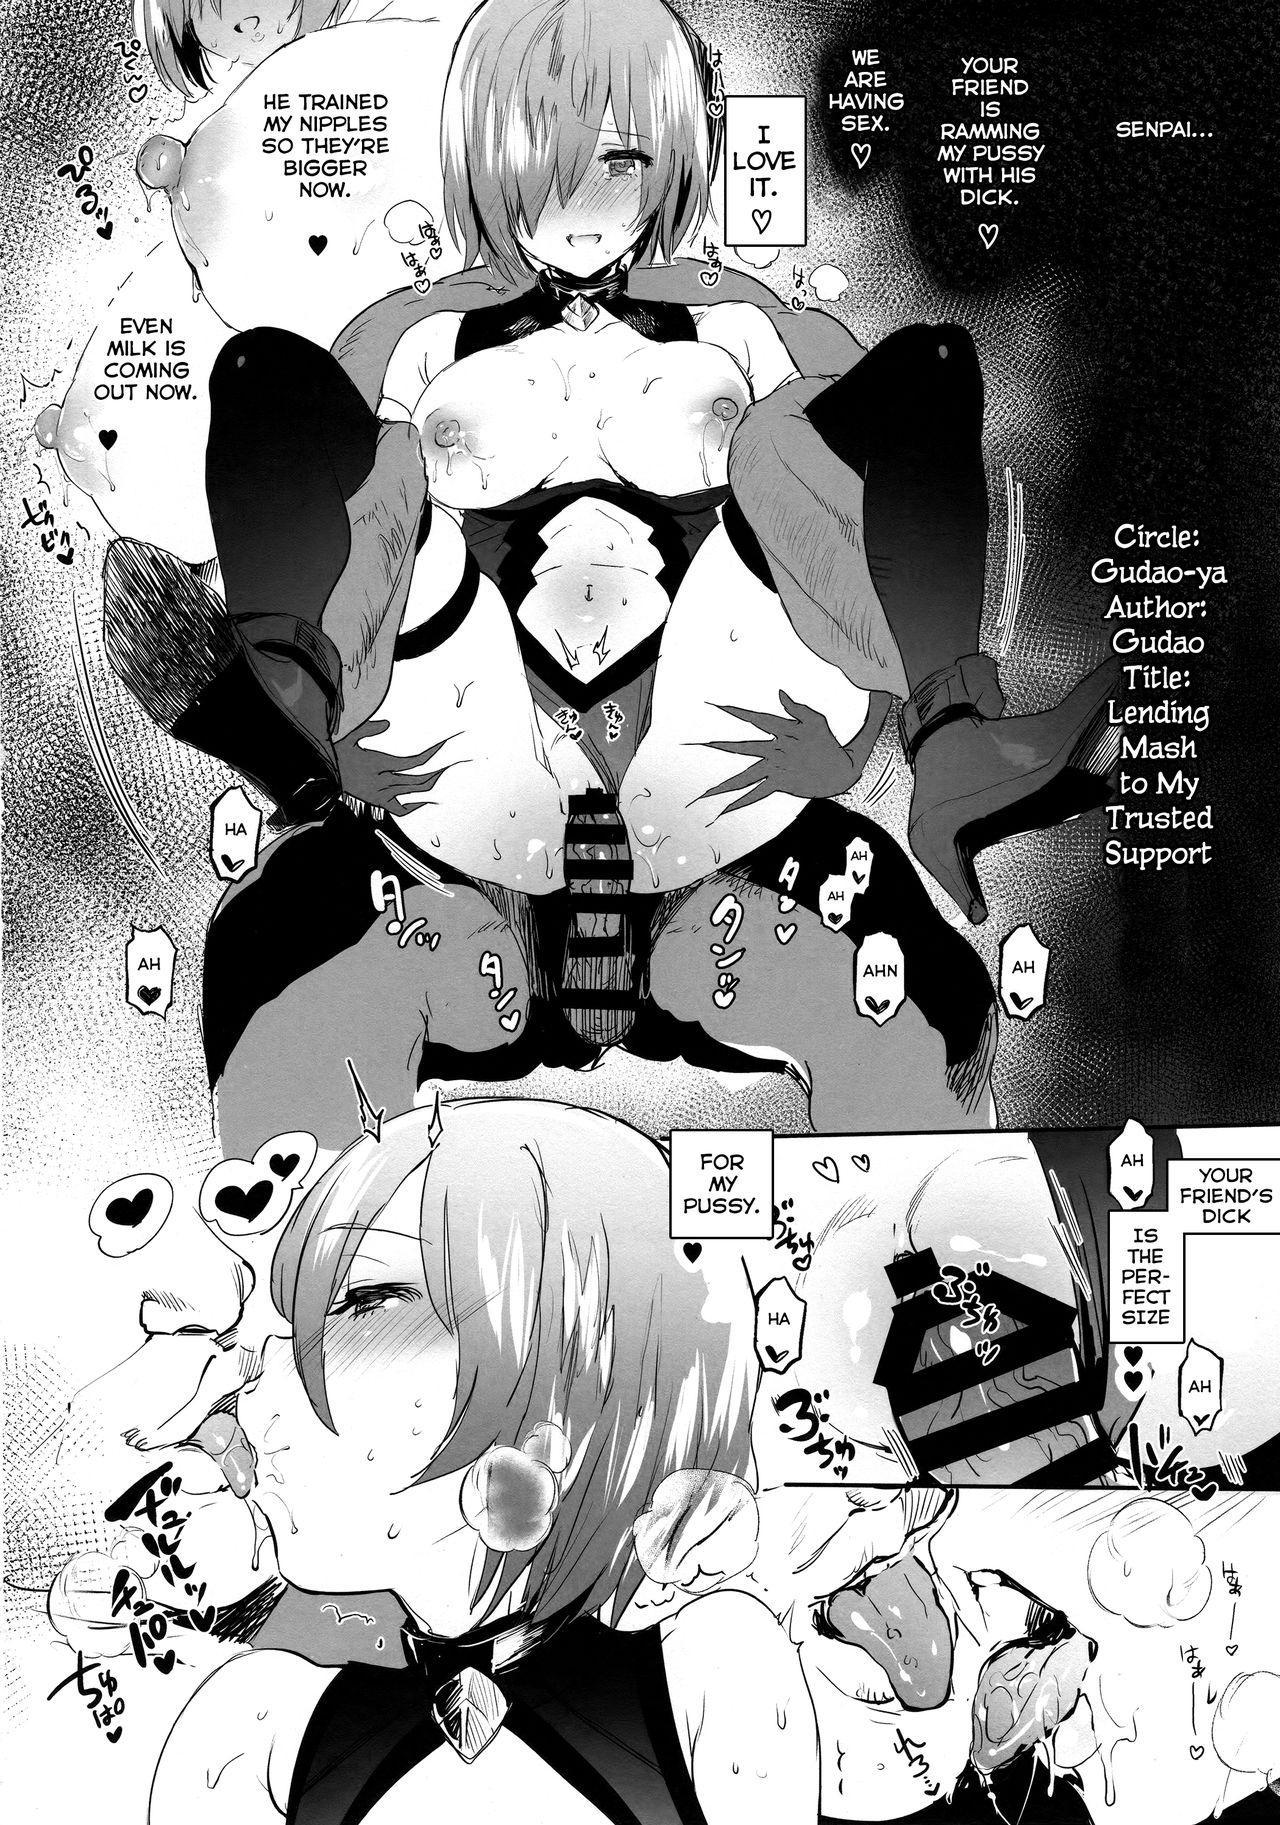 Neteiru Watashi ni Ecchi na Koto Shichaundesu ne...   Naughty Things Will Happen To Me While Sleeping... 21